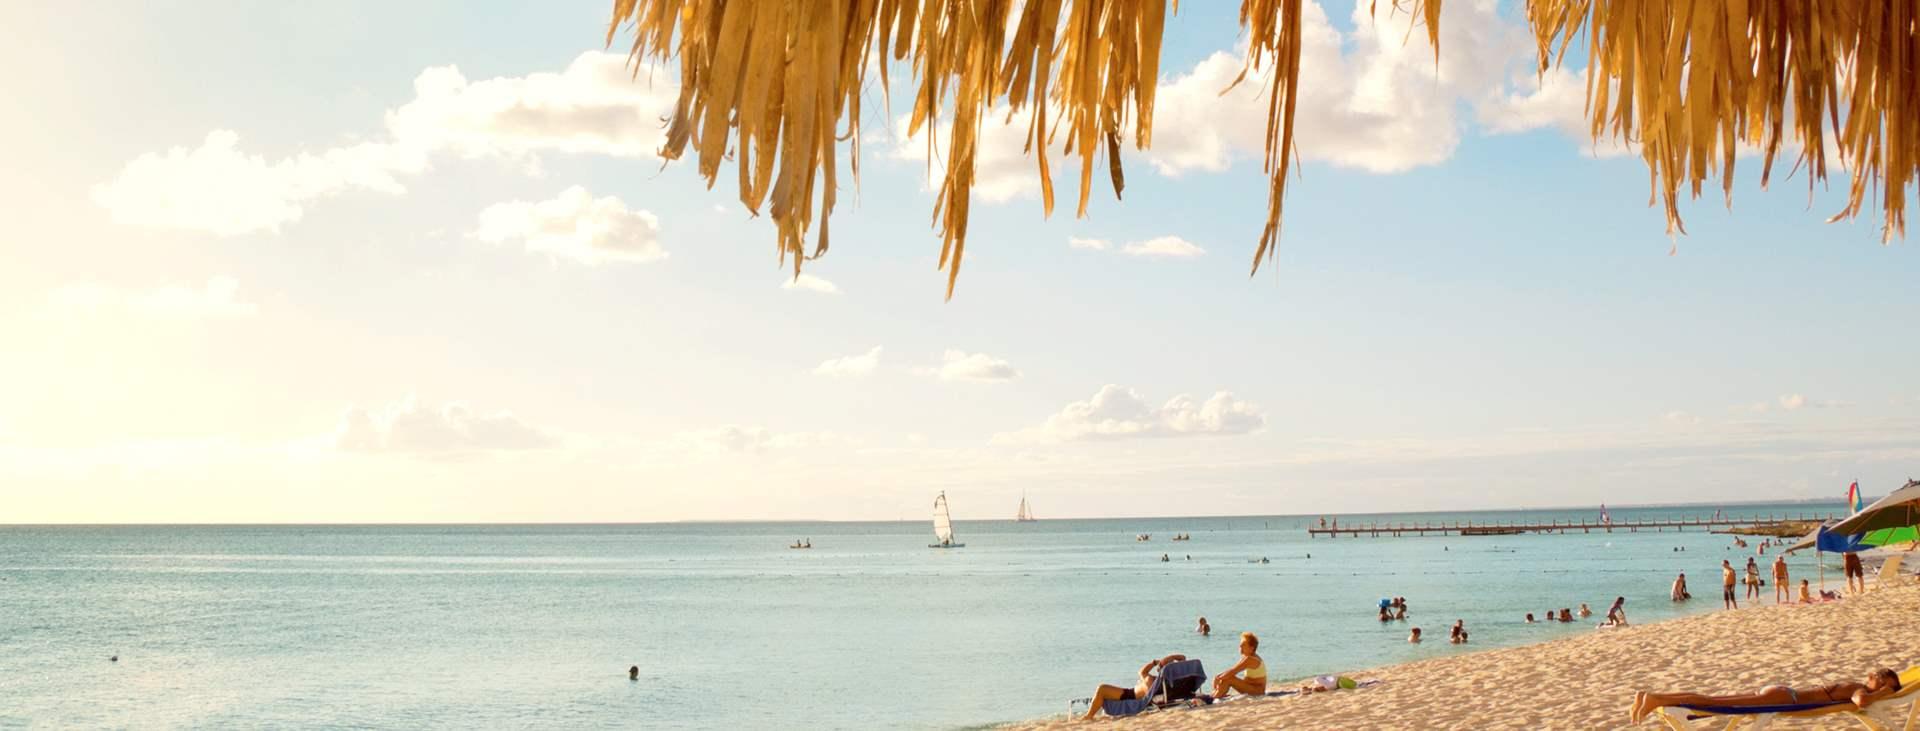 Drømmer du om Karibia? Bestil en reise til Den dominikanske republikk!